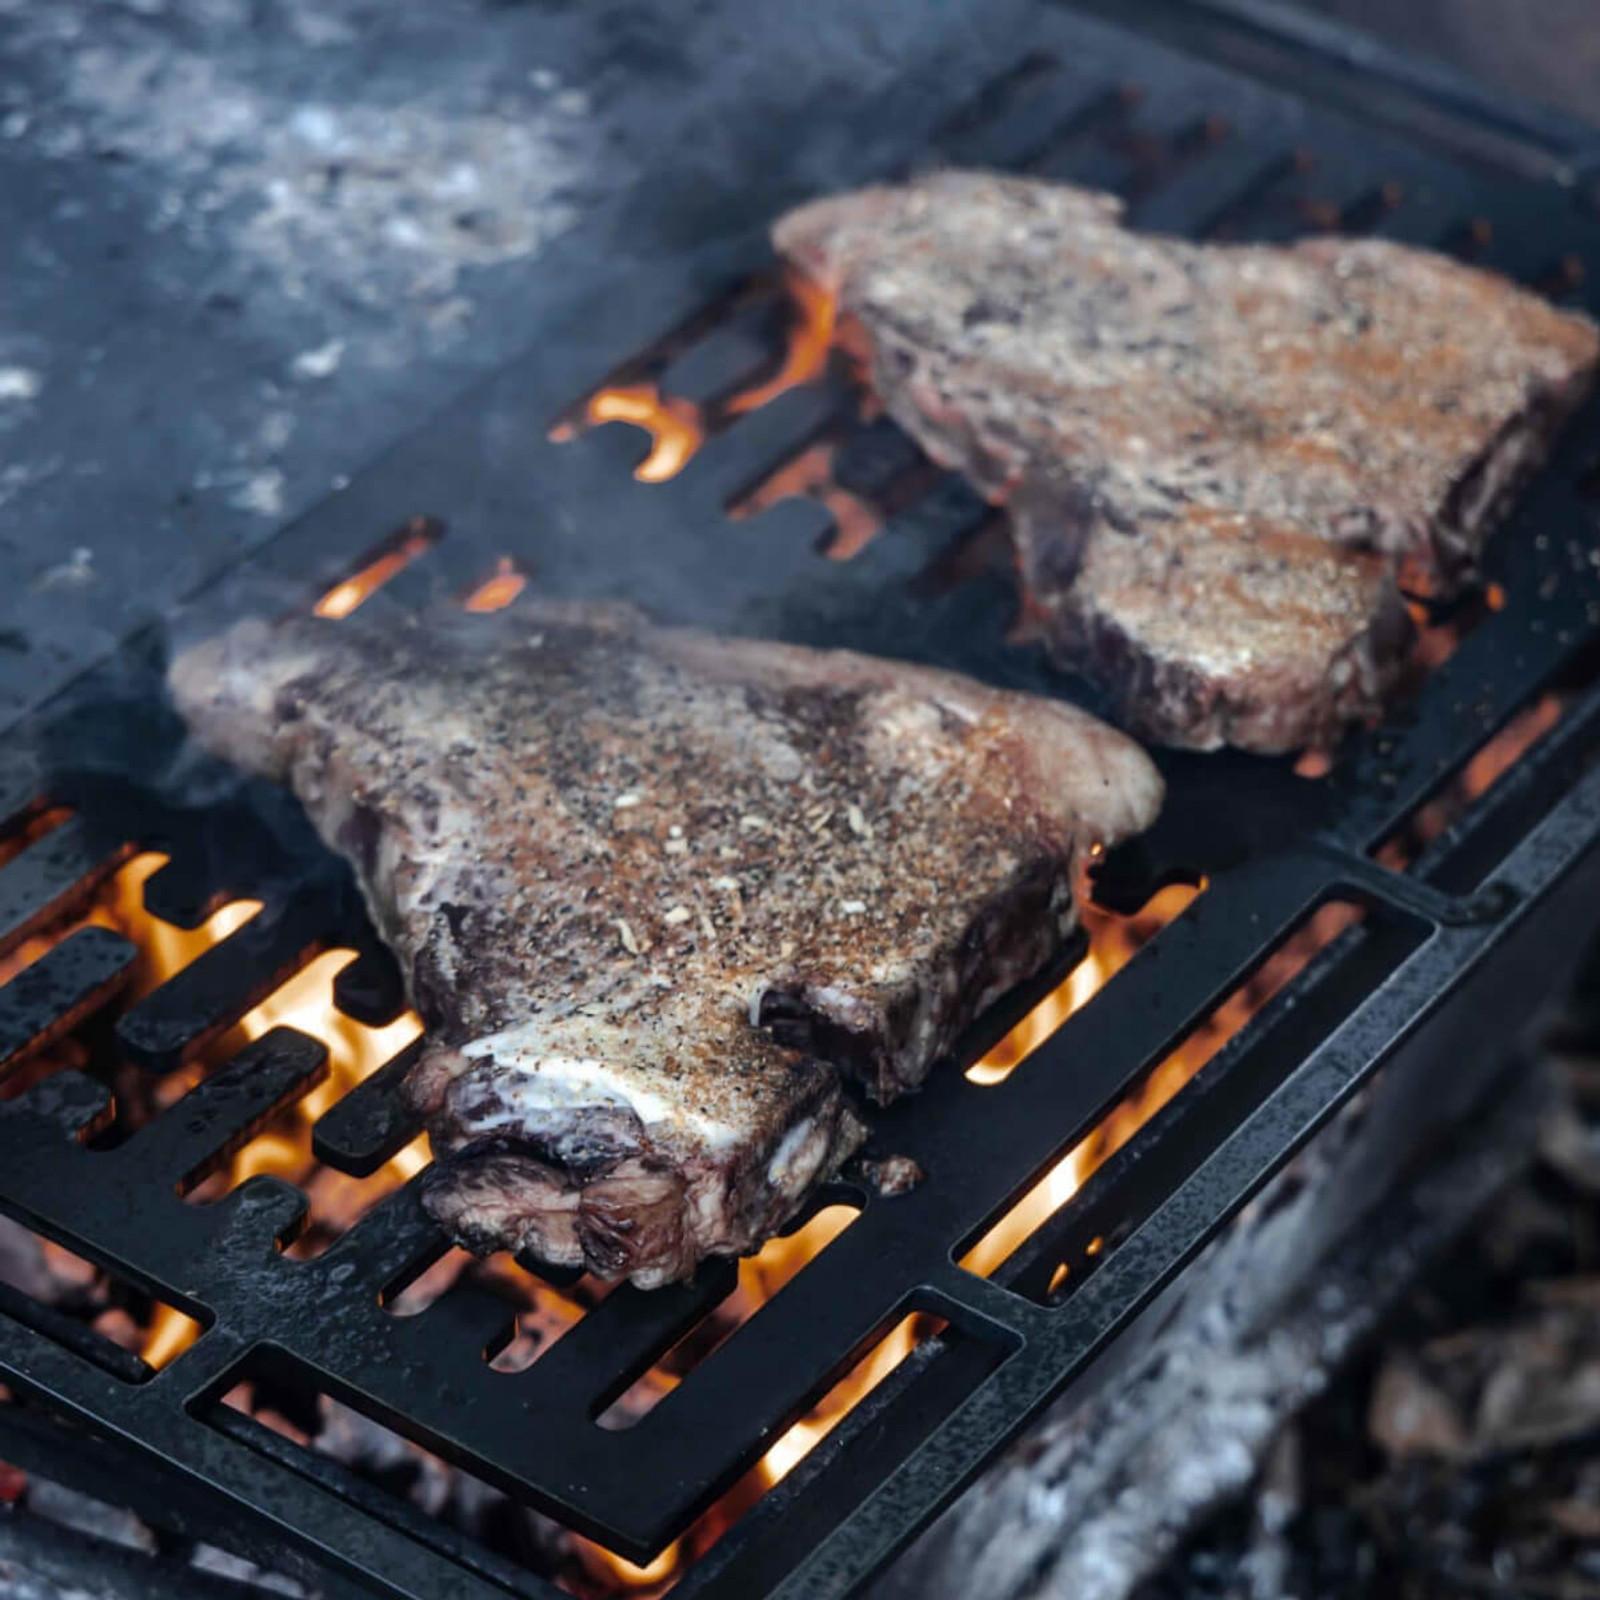 WPS Firebox Cooking Grate